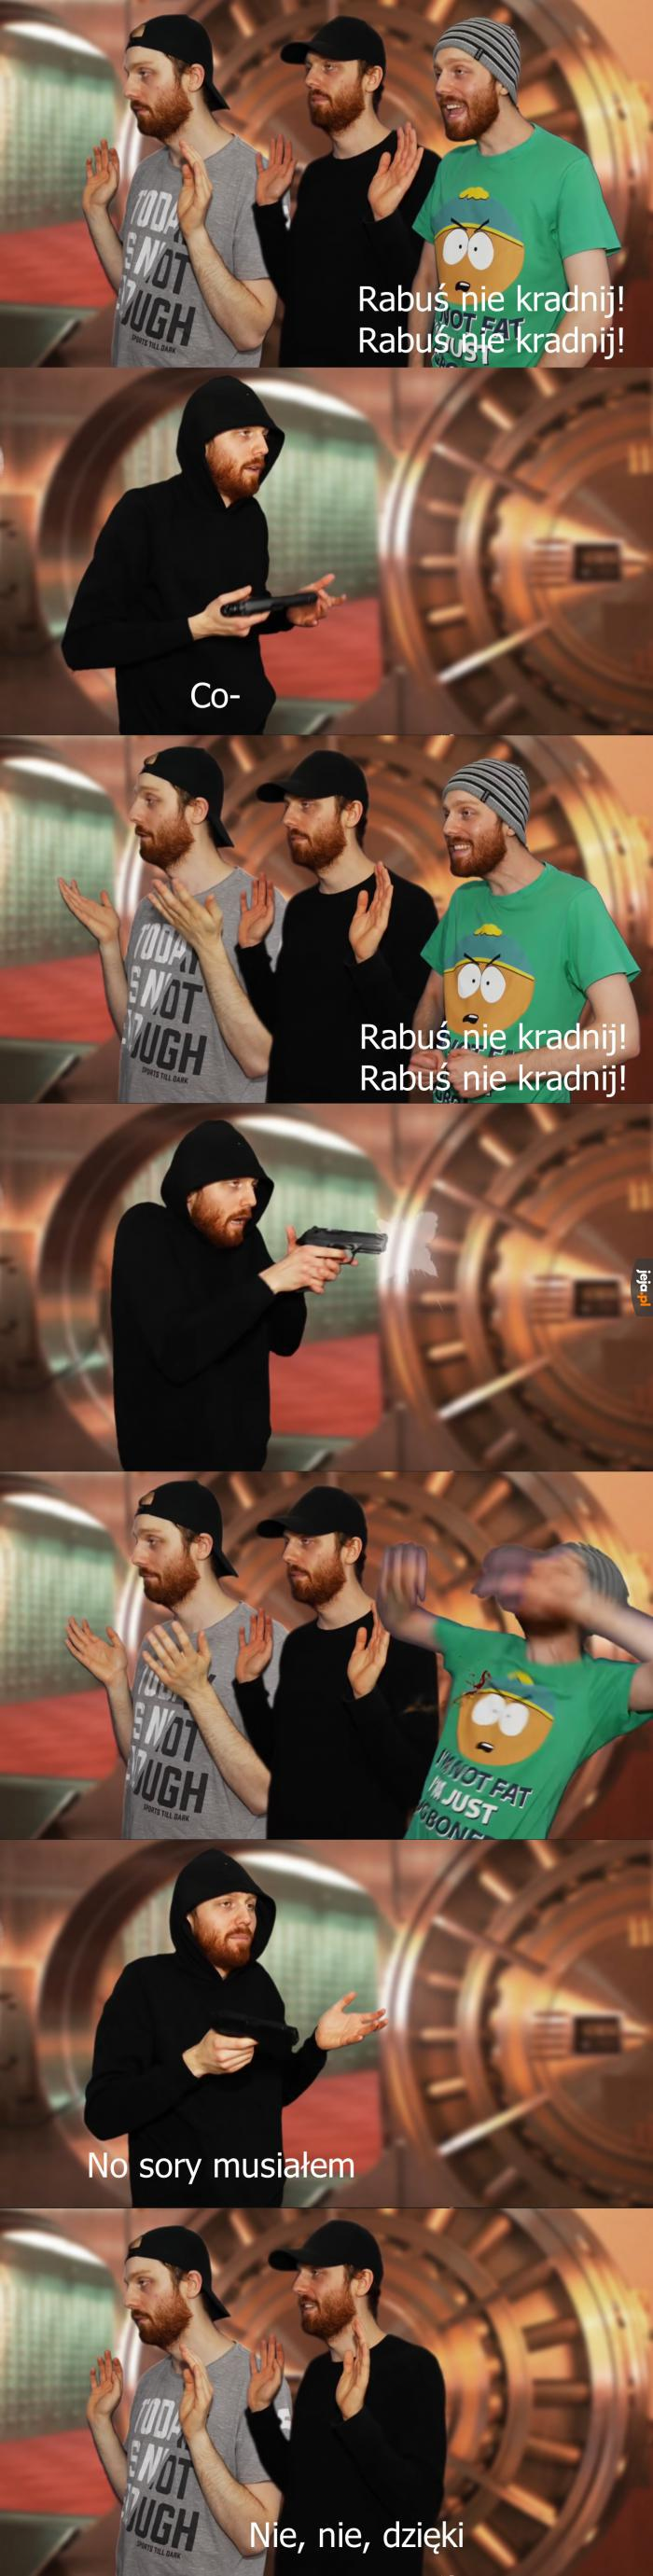 Rabuś, nie kradnij!